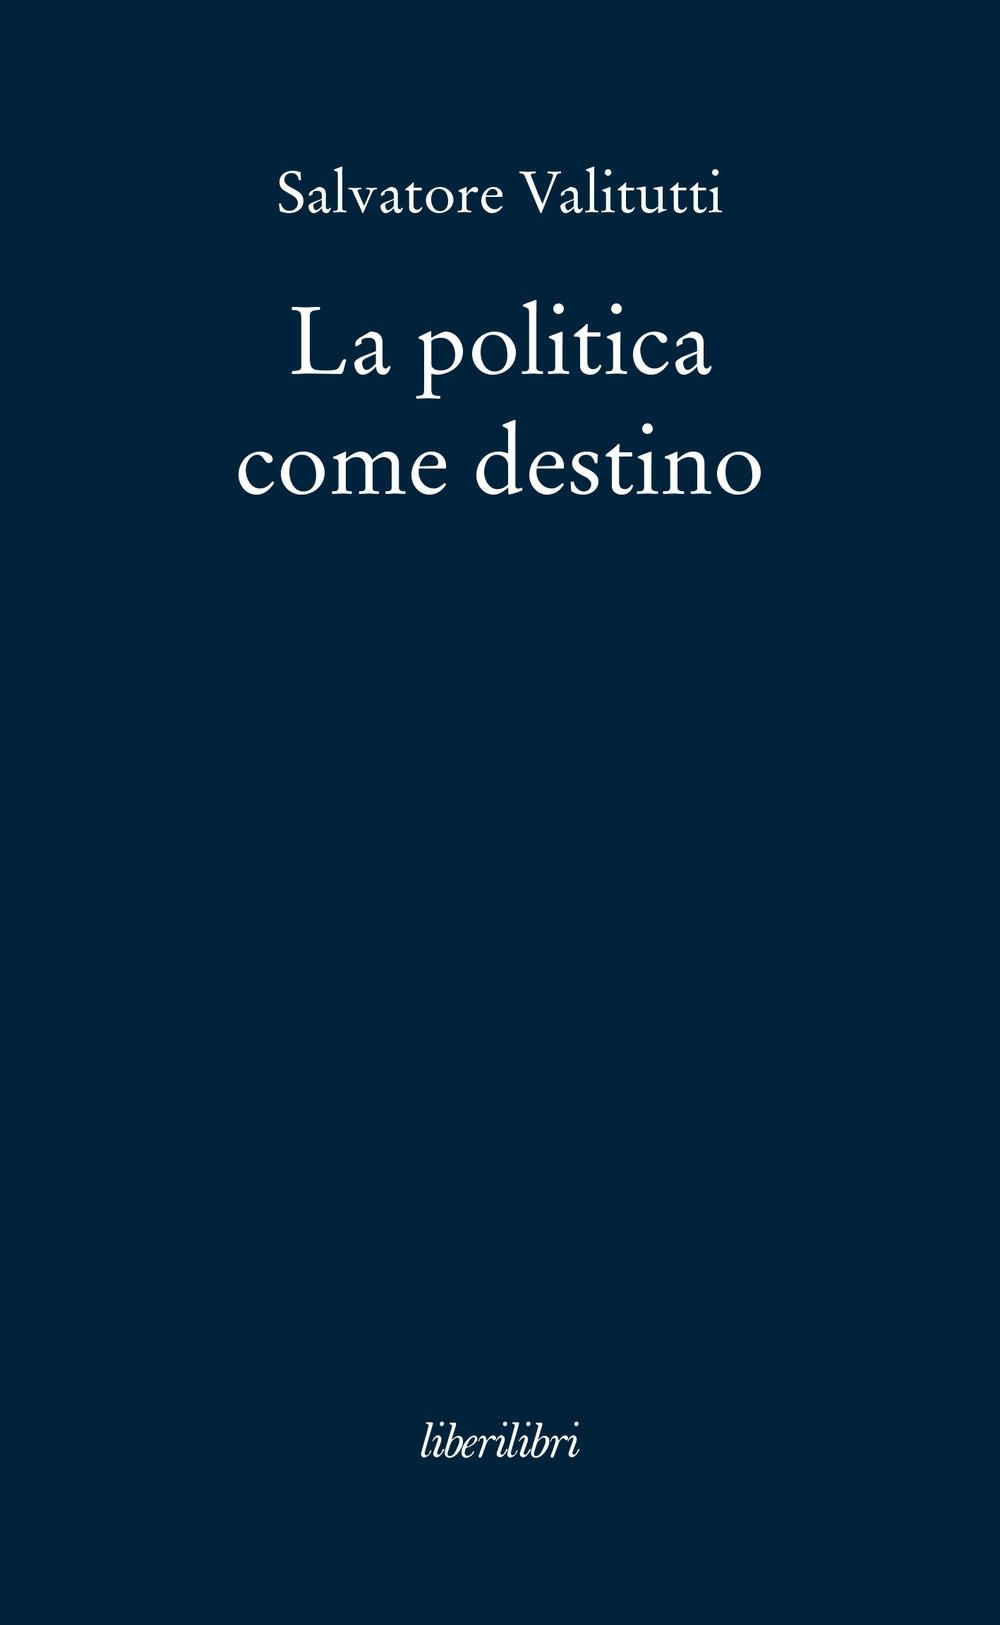 La politica come destino